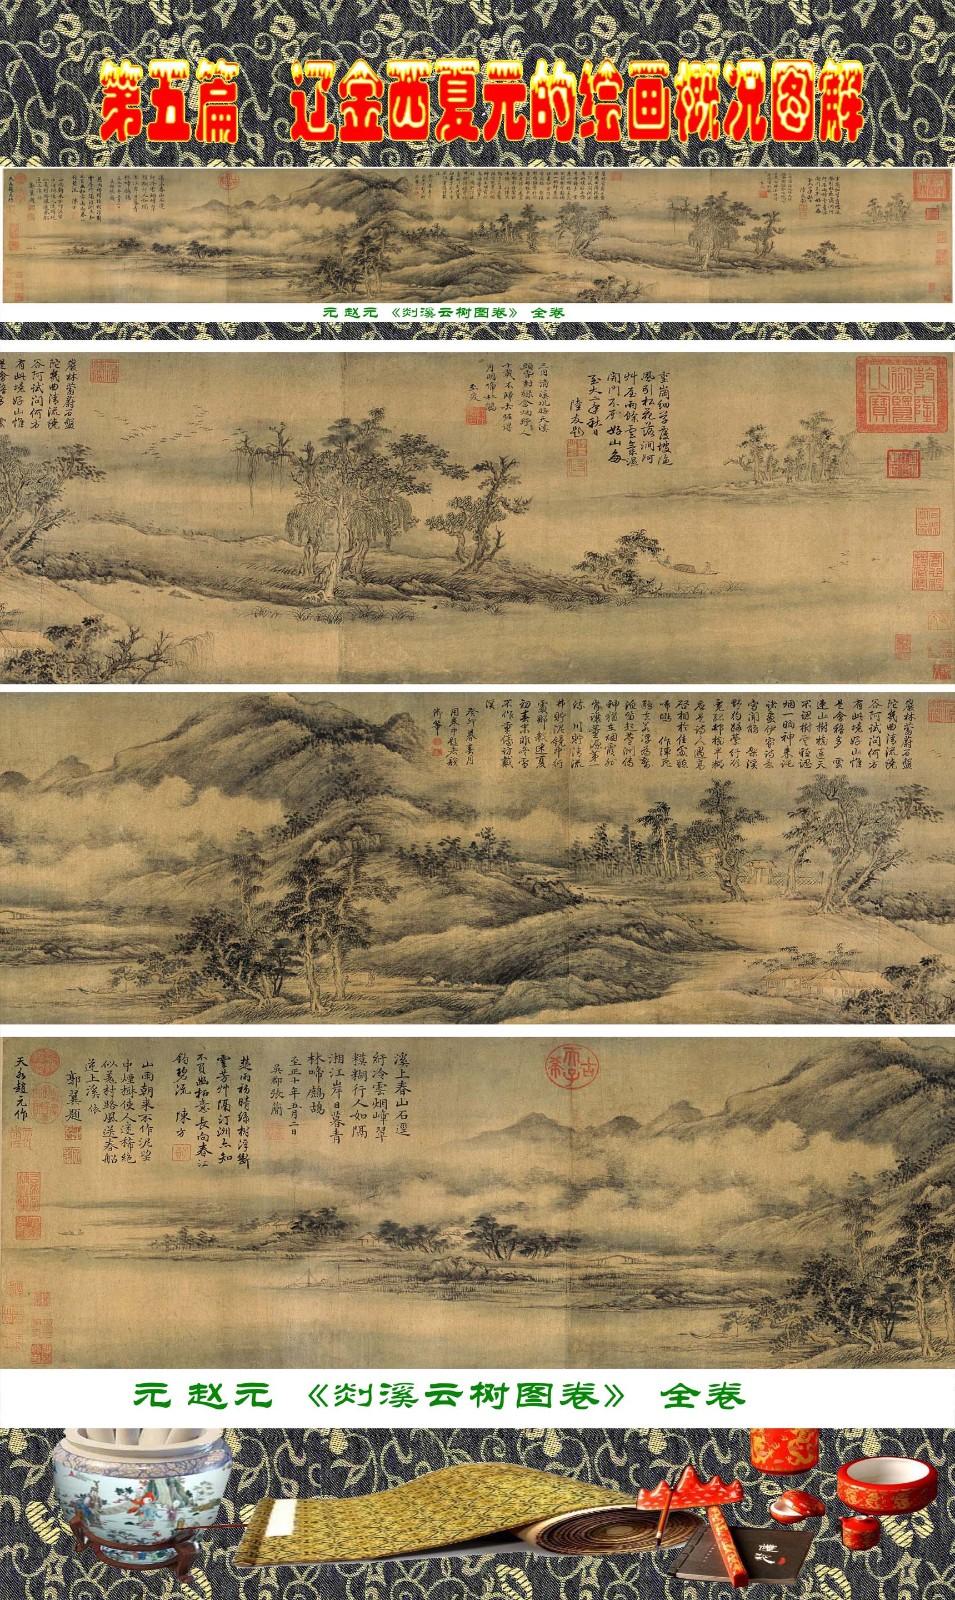 顾绍骅编辑 中国画知识普及版 第五篇 辽金西夏元的绘画概况 下 ... ..._图1-103